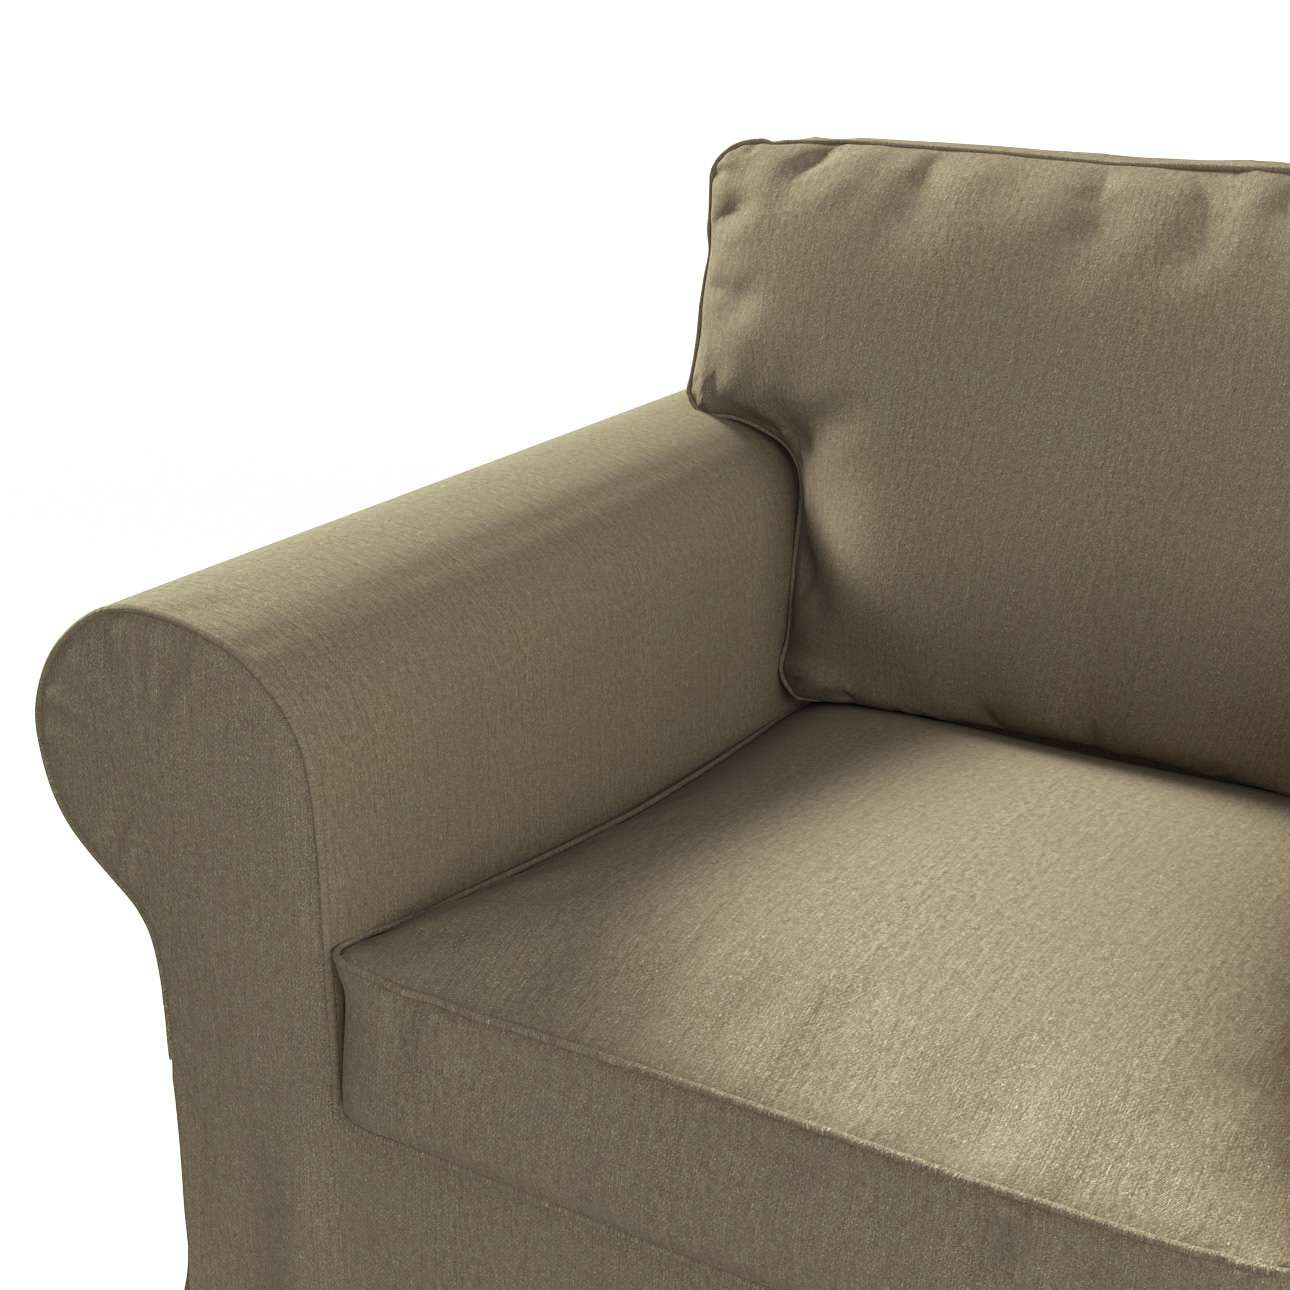 EKTORP fotelio užvalkalas Ektorp fotelio užvalkalas kolekcijoje Chenille, audinys: 702-21